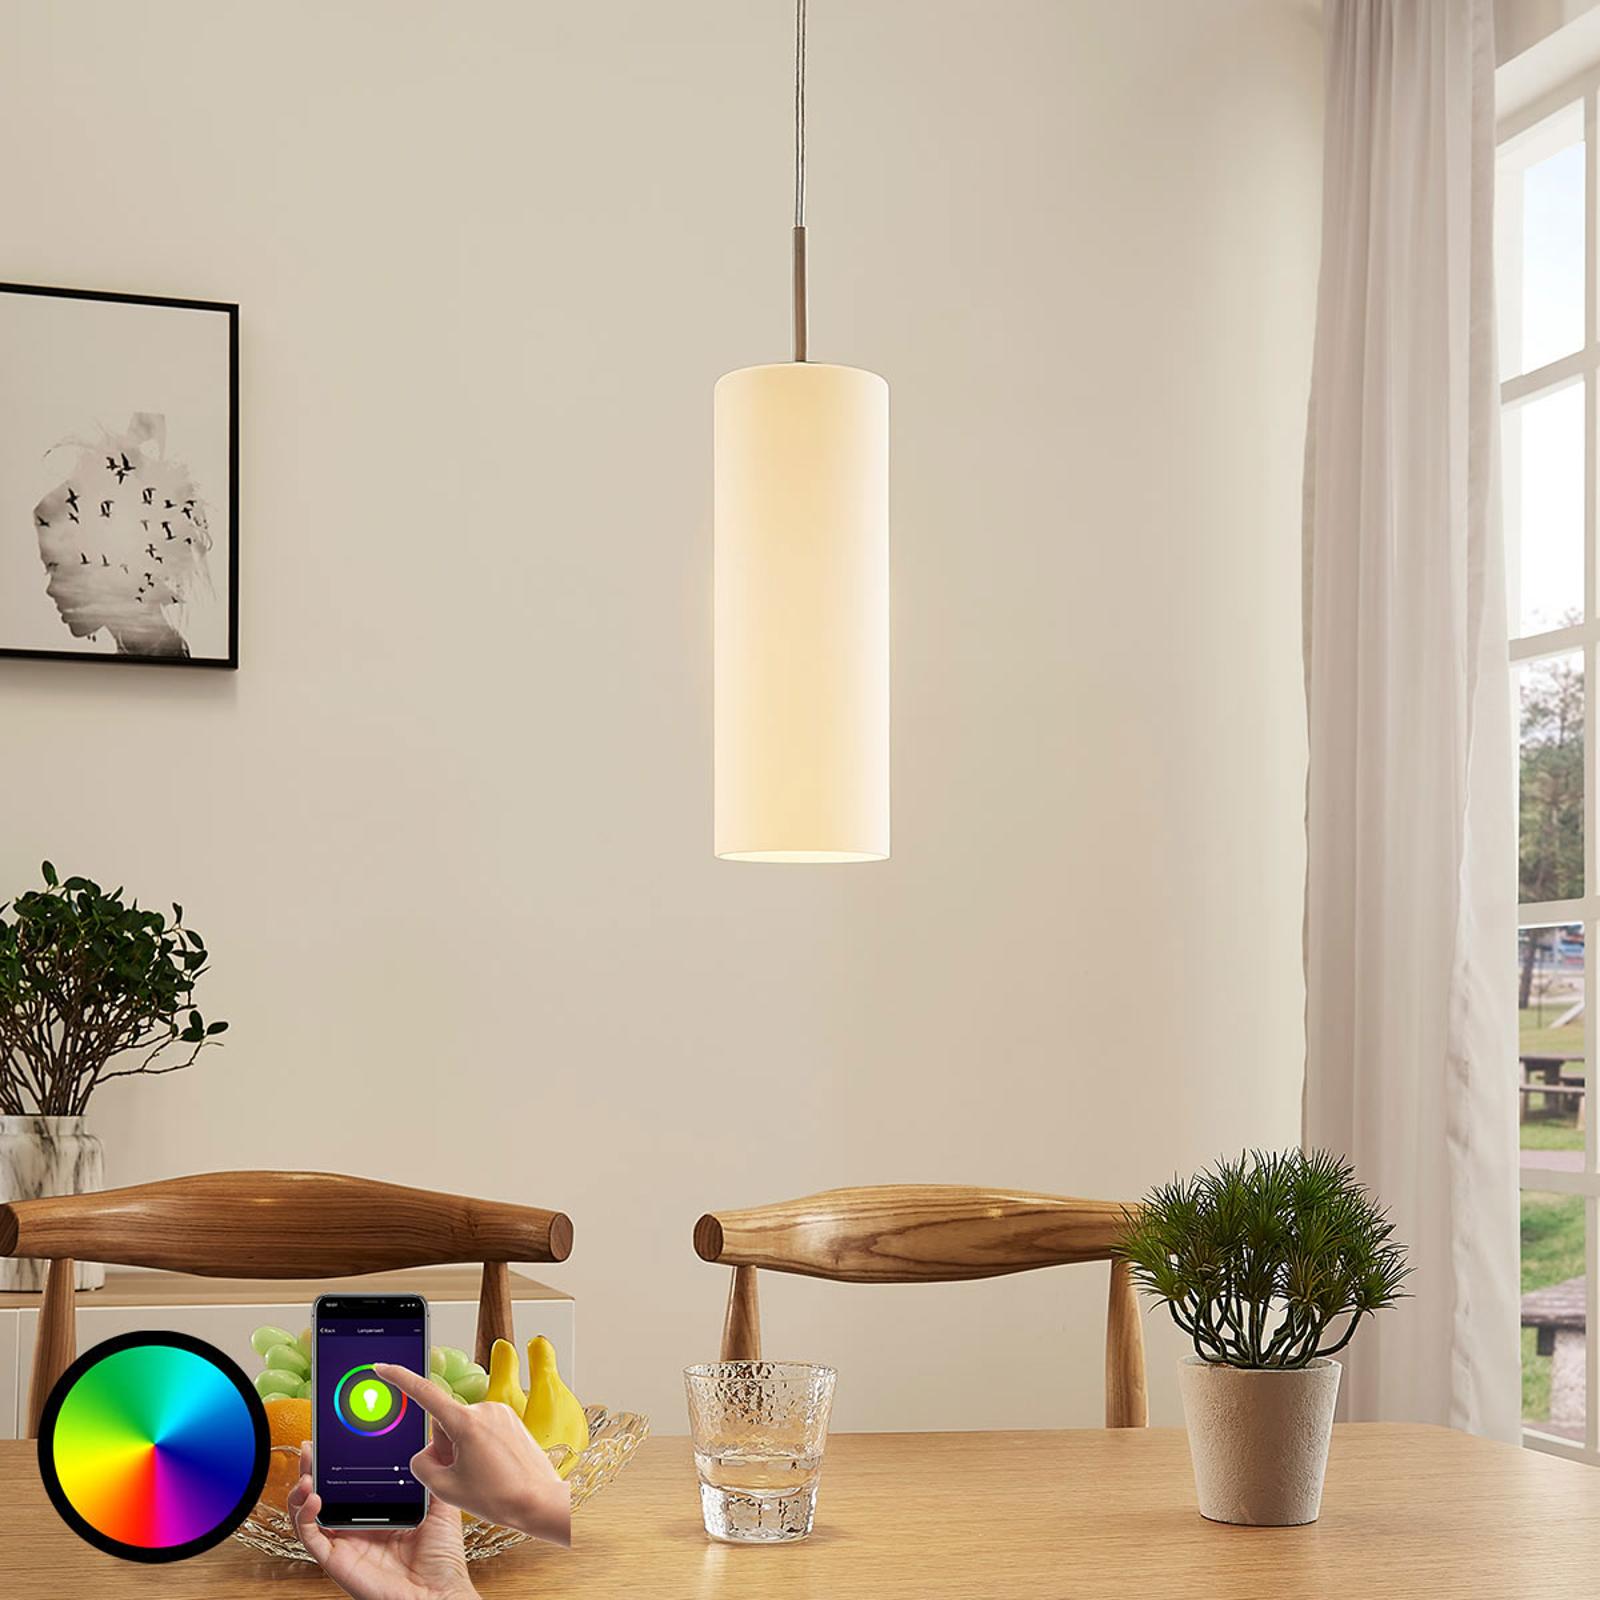 Lindby Smart LED hanglamp Felice met RGB-lamp